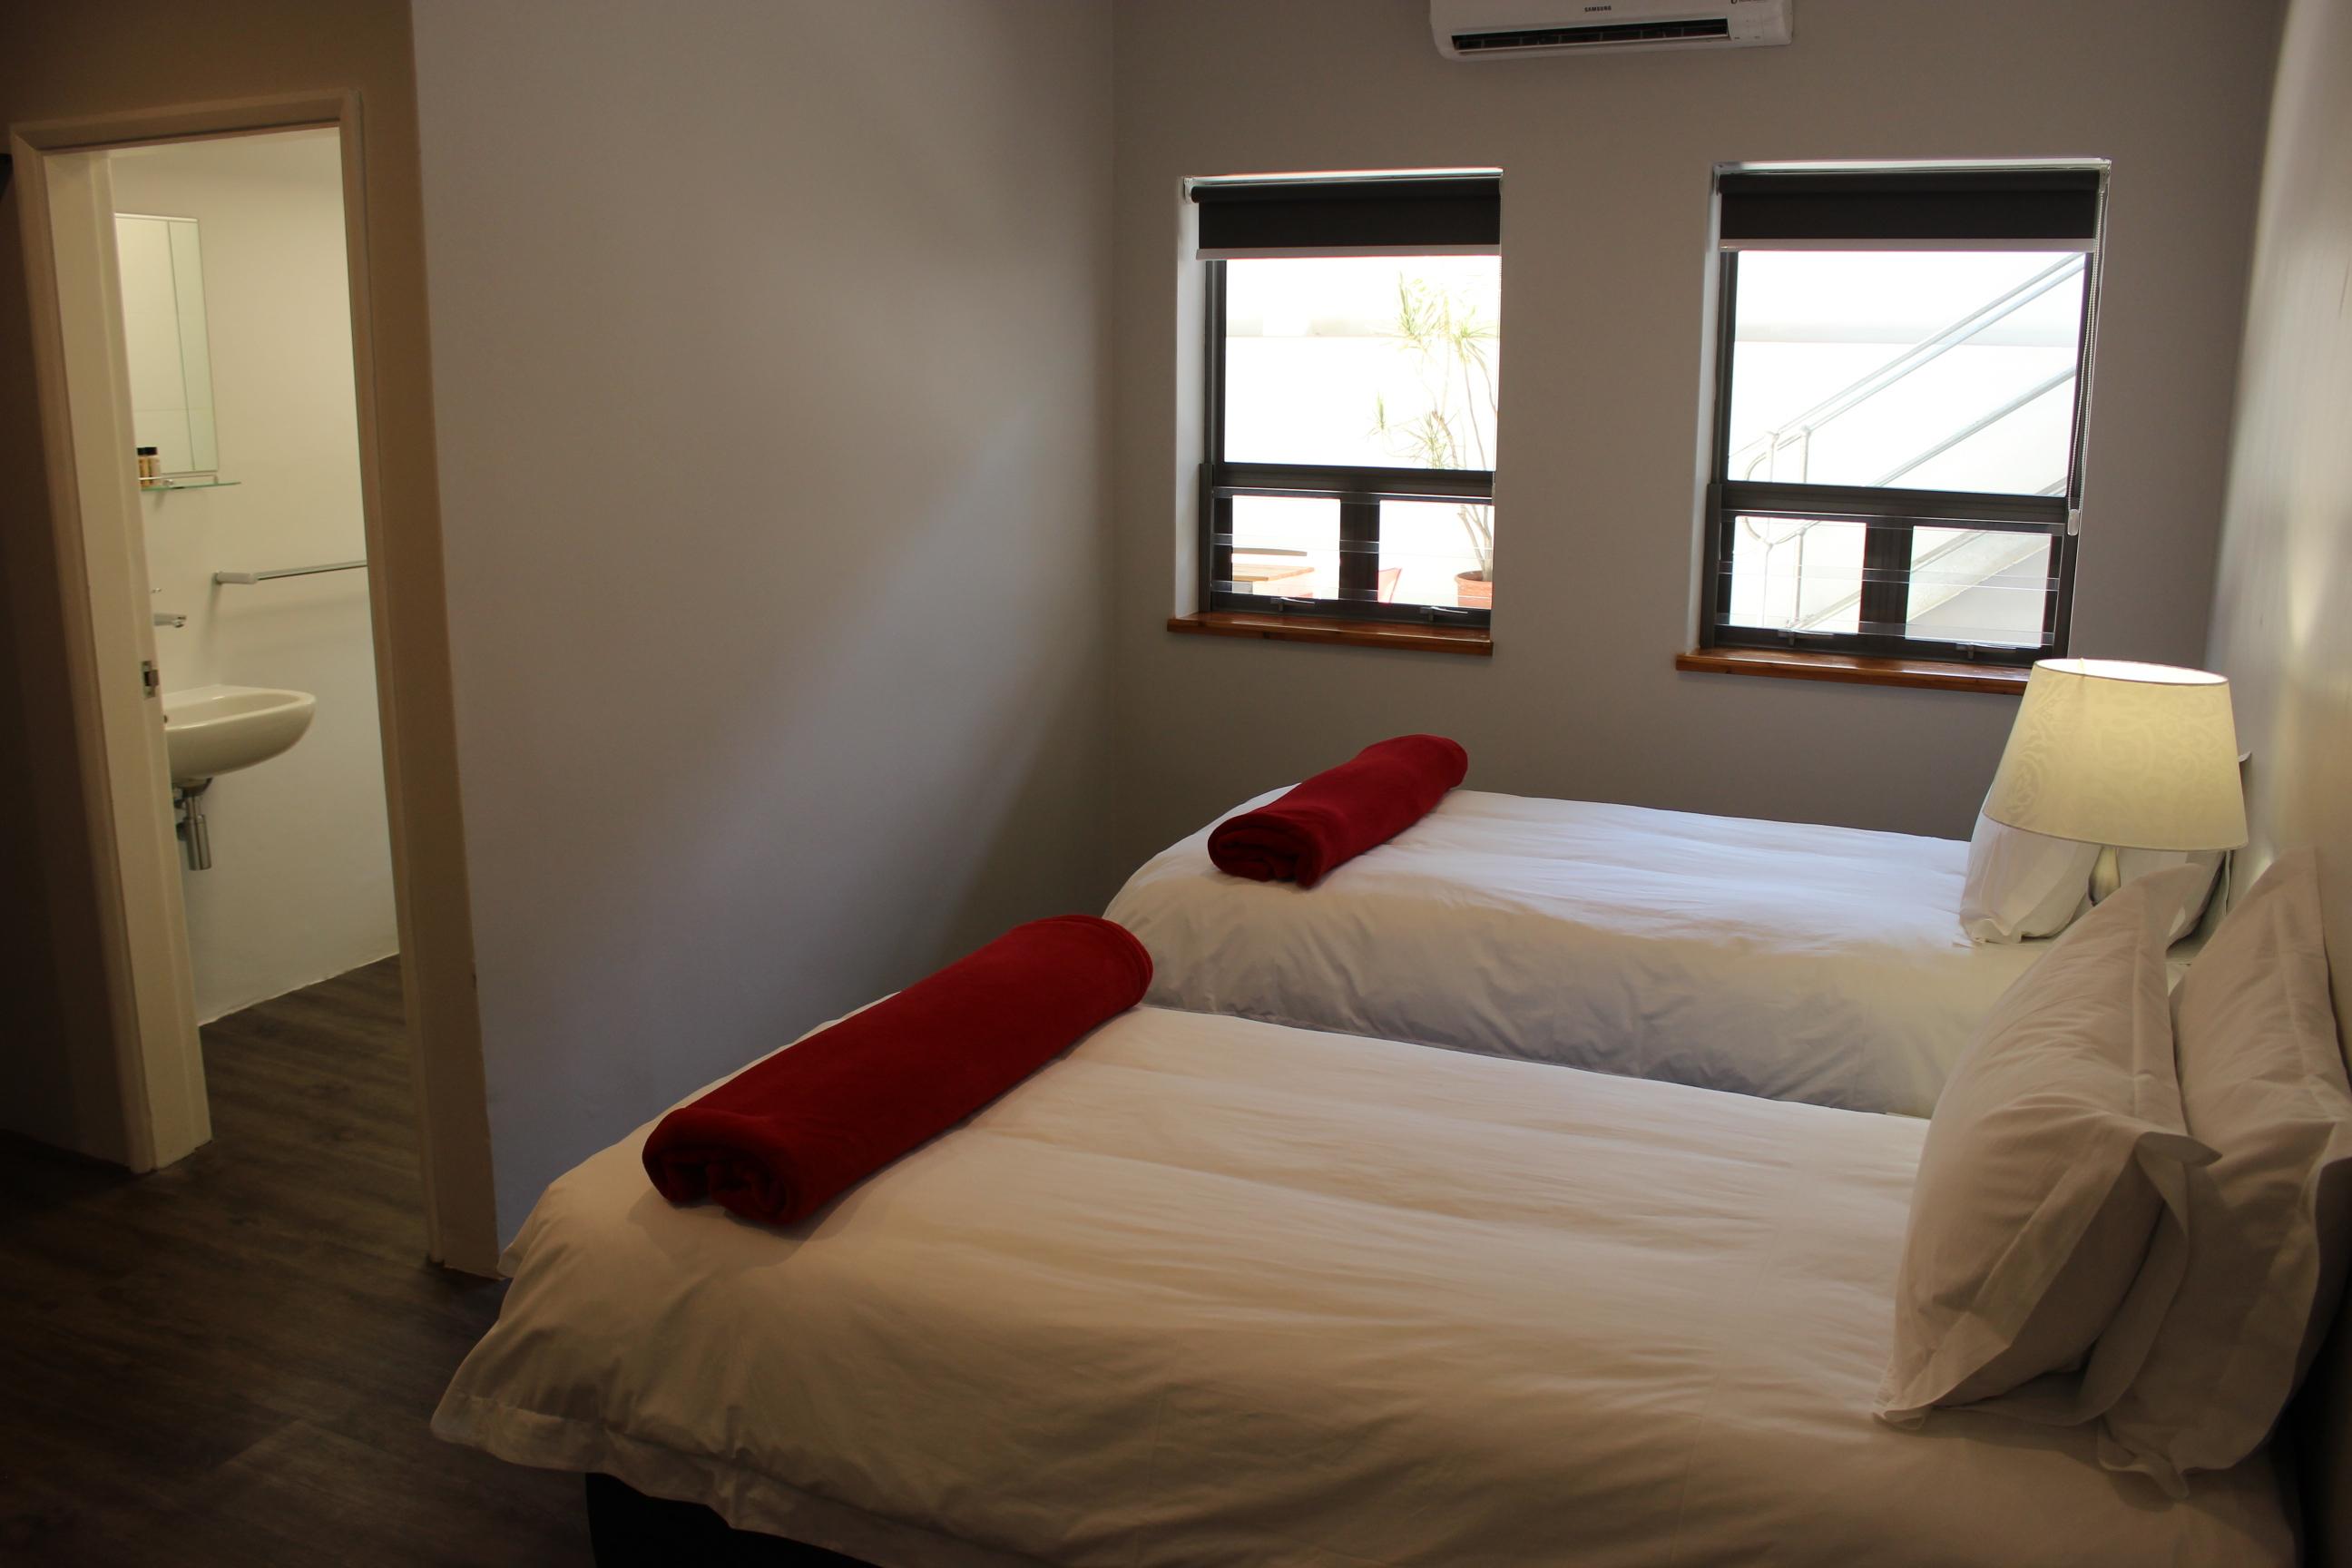 Accommodation near dal josafat